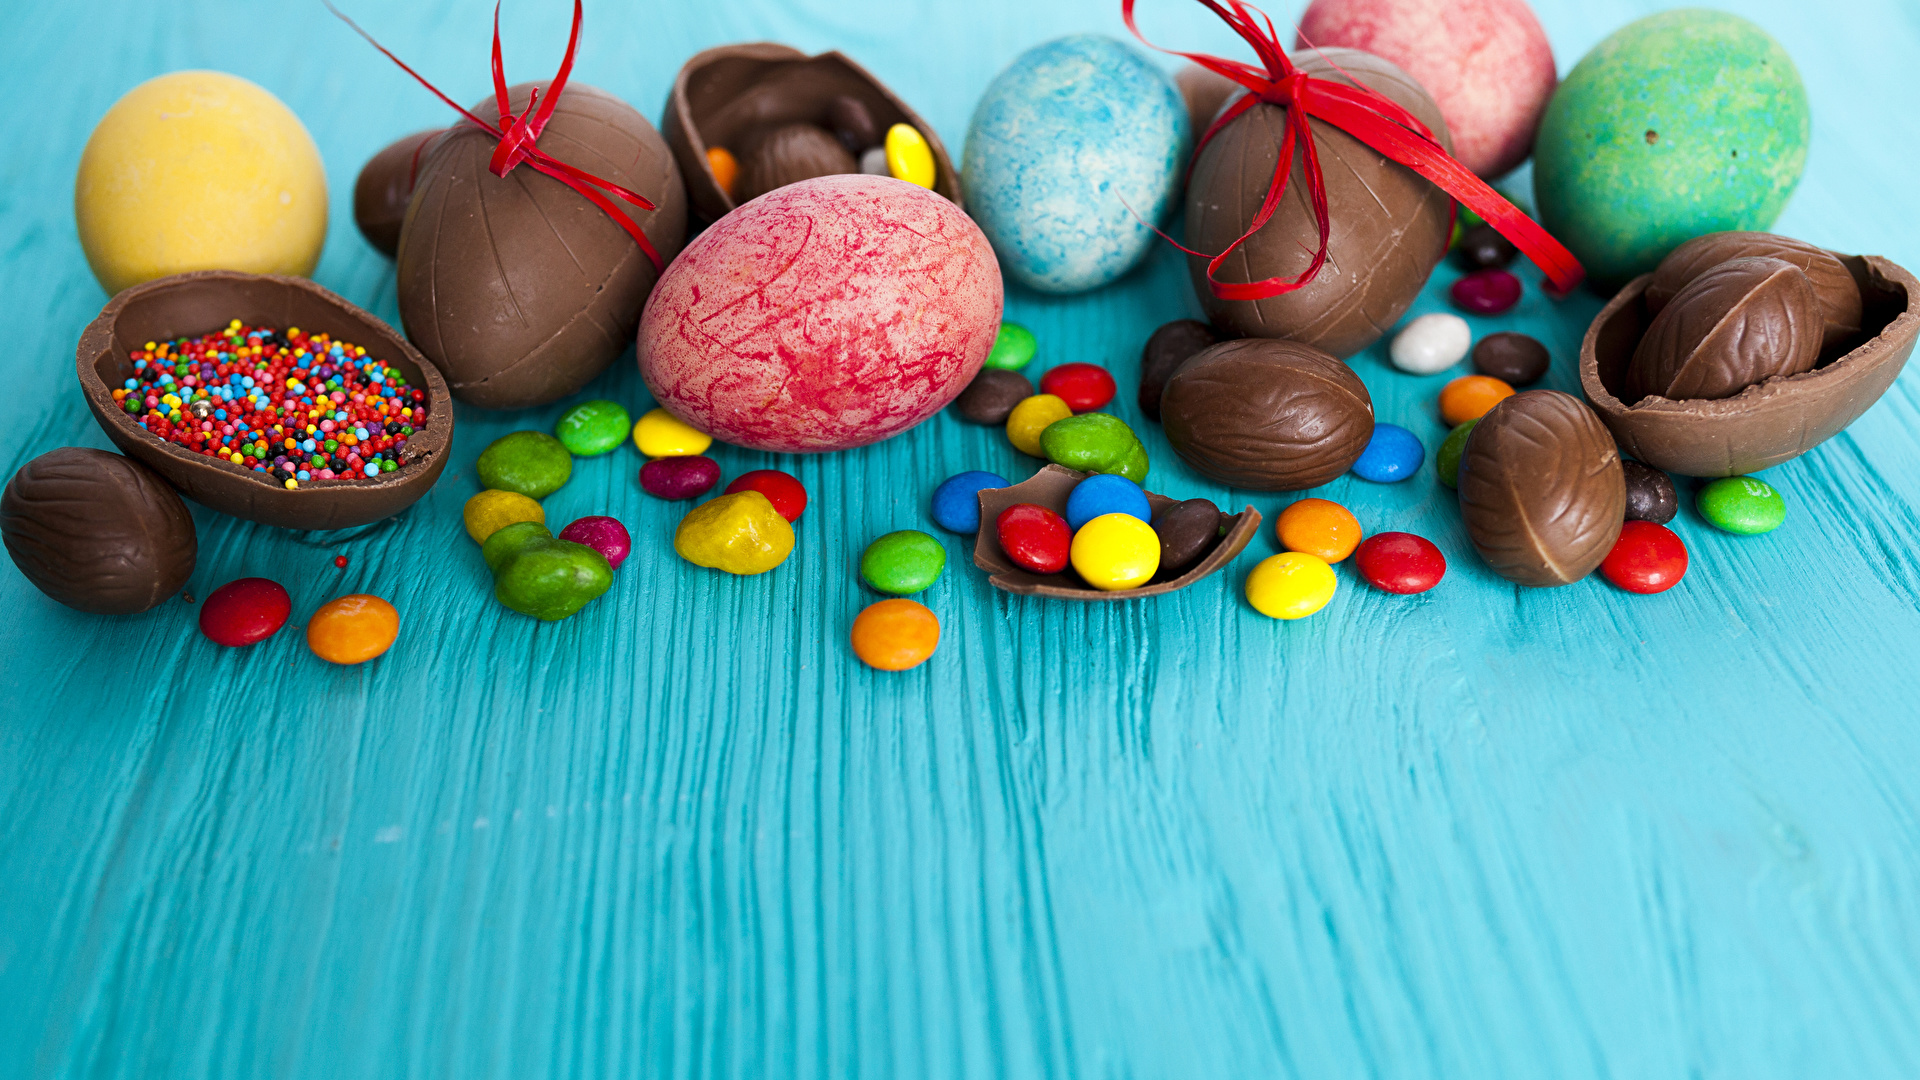 Фото Пасха яиц Шоколад Конфеты Еда сладкая еда 1920x1080 яйцо Яйца яйцами Пища Продукты питания Сладости